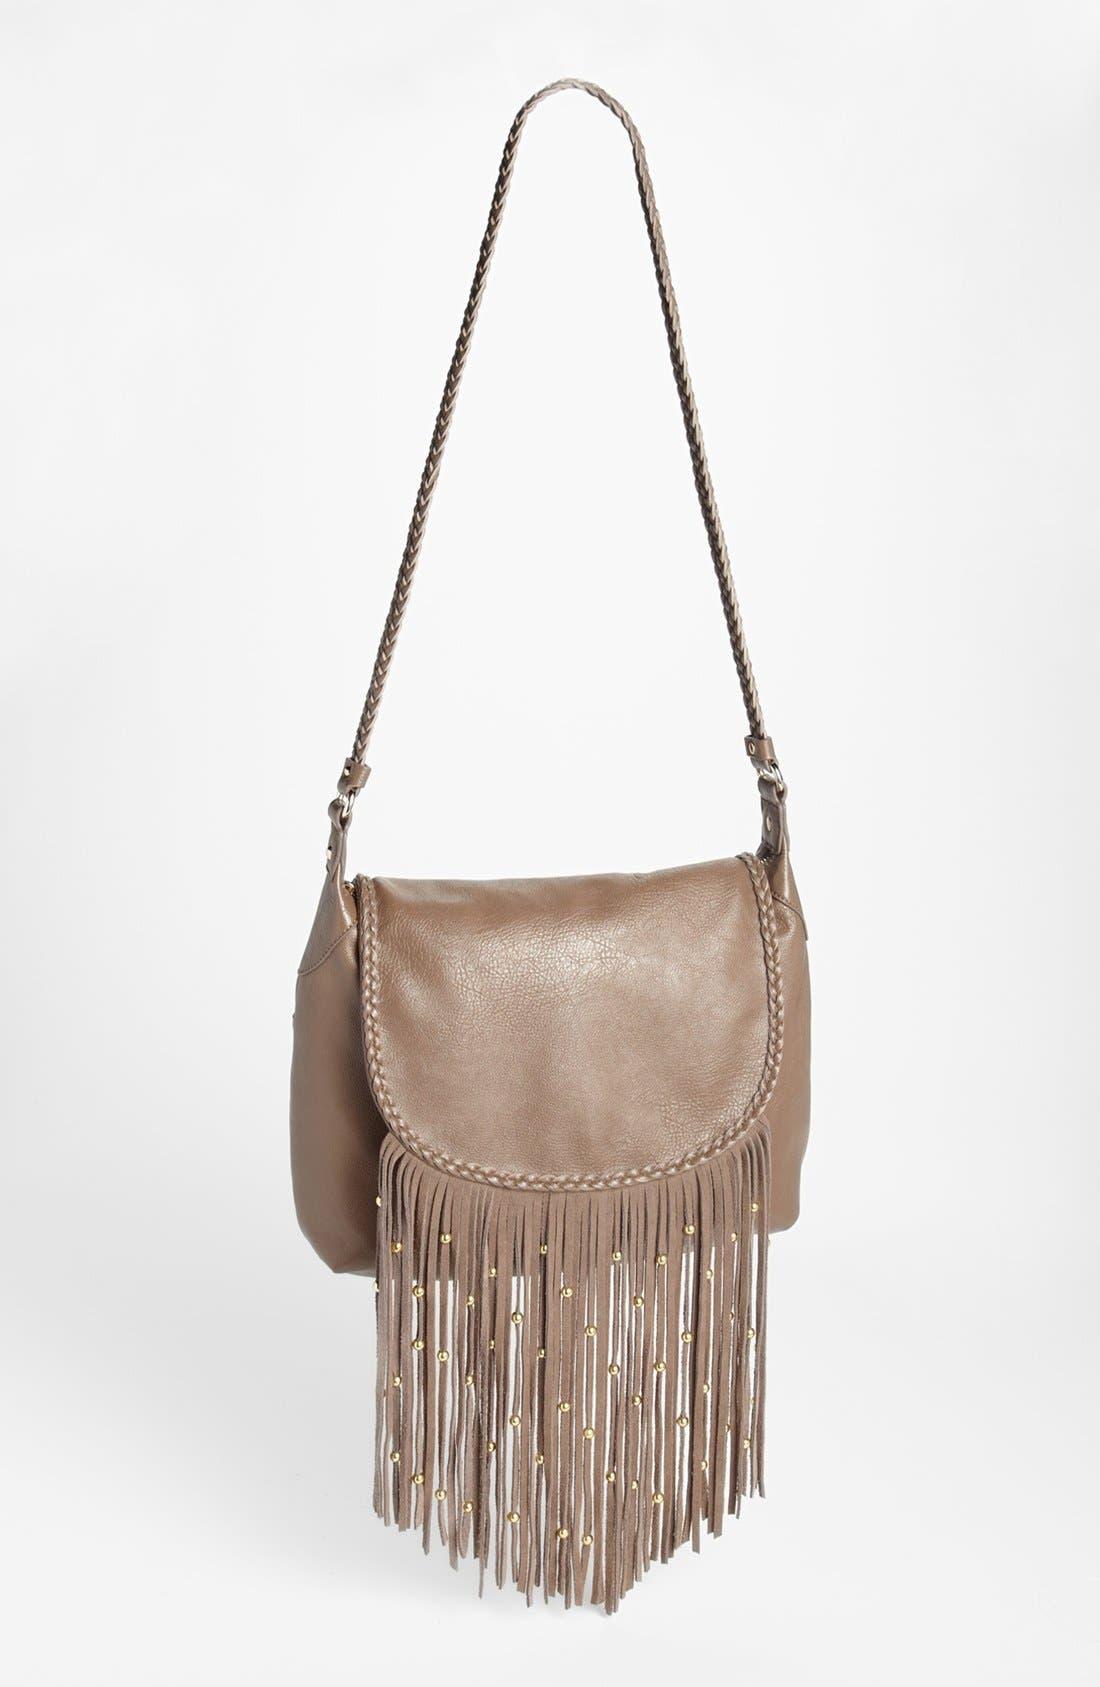 IZZY & ALI 'Farah' Fringe Shoulder Bag, Main, color, 250